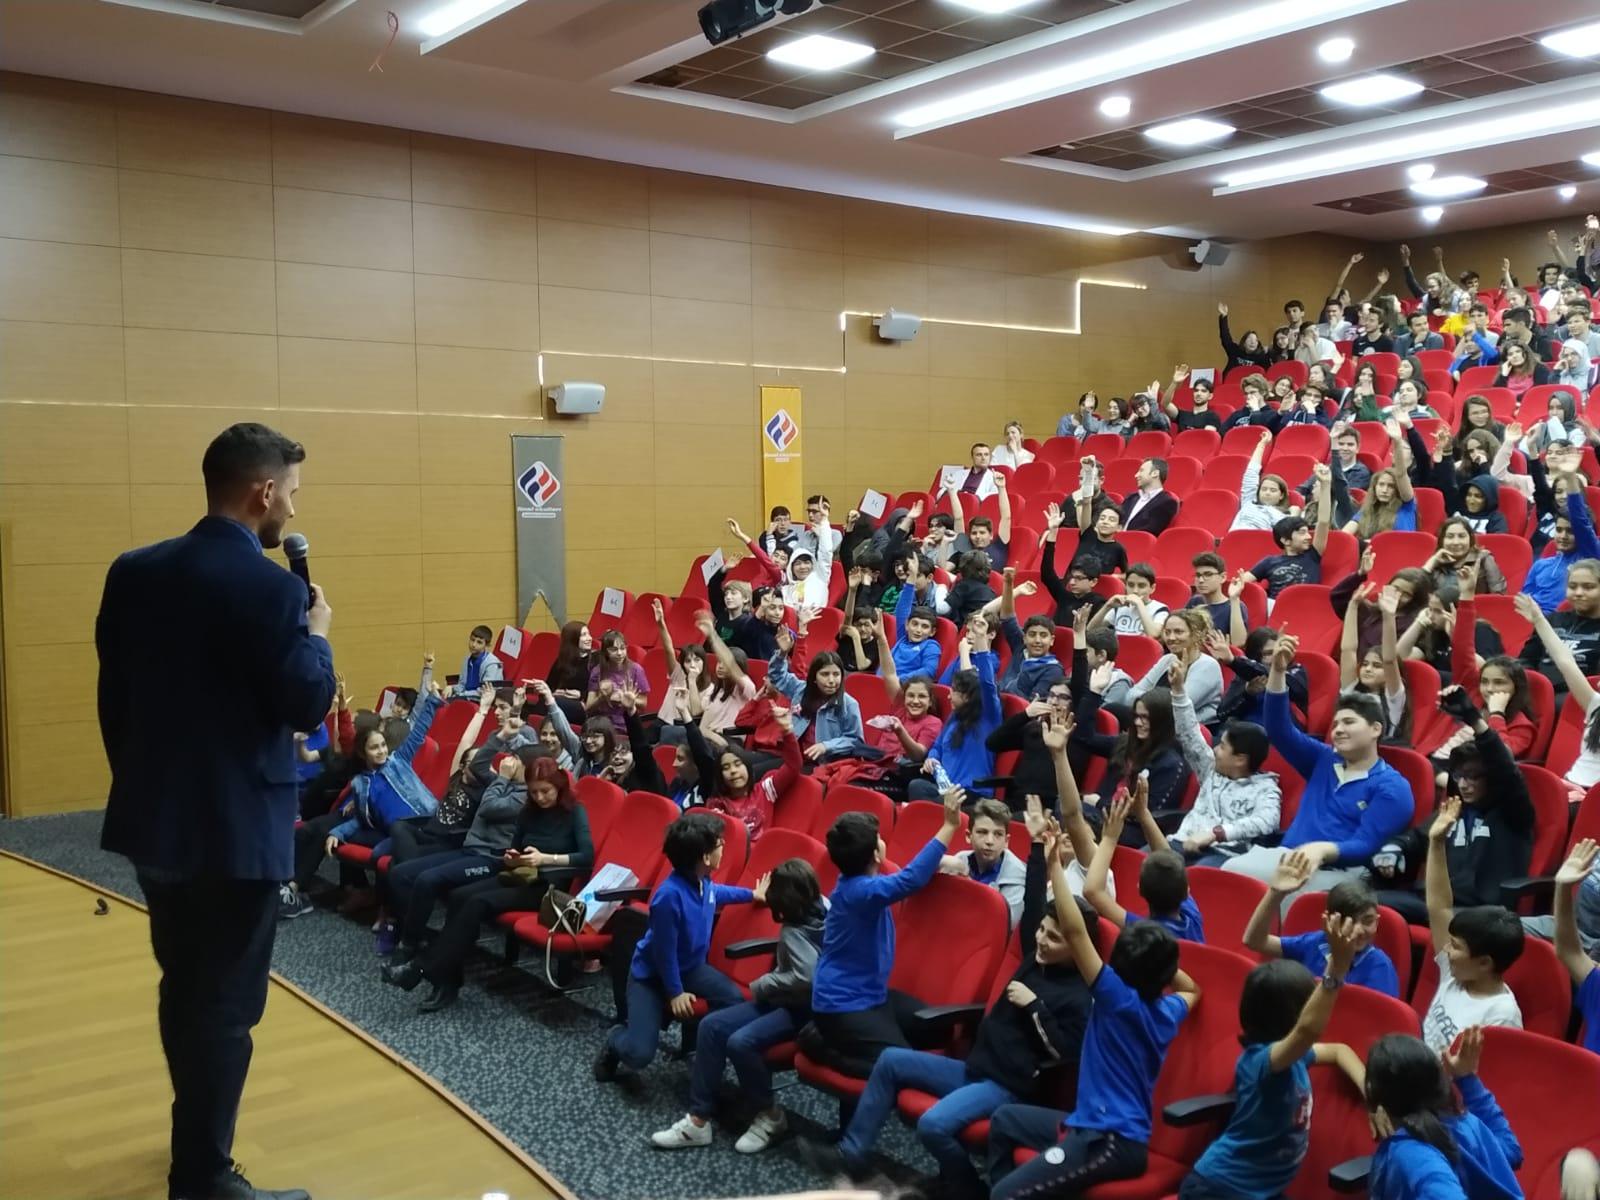 Ankara Çankaya Çayyolu final okullarında, Bilinçli Ve Güvenli İnternet Semineri